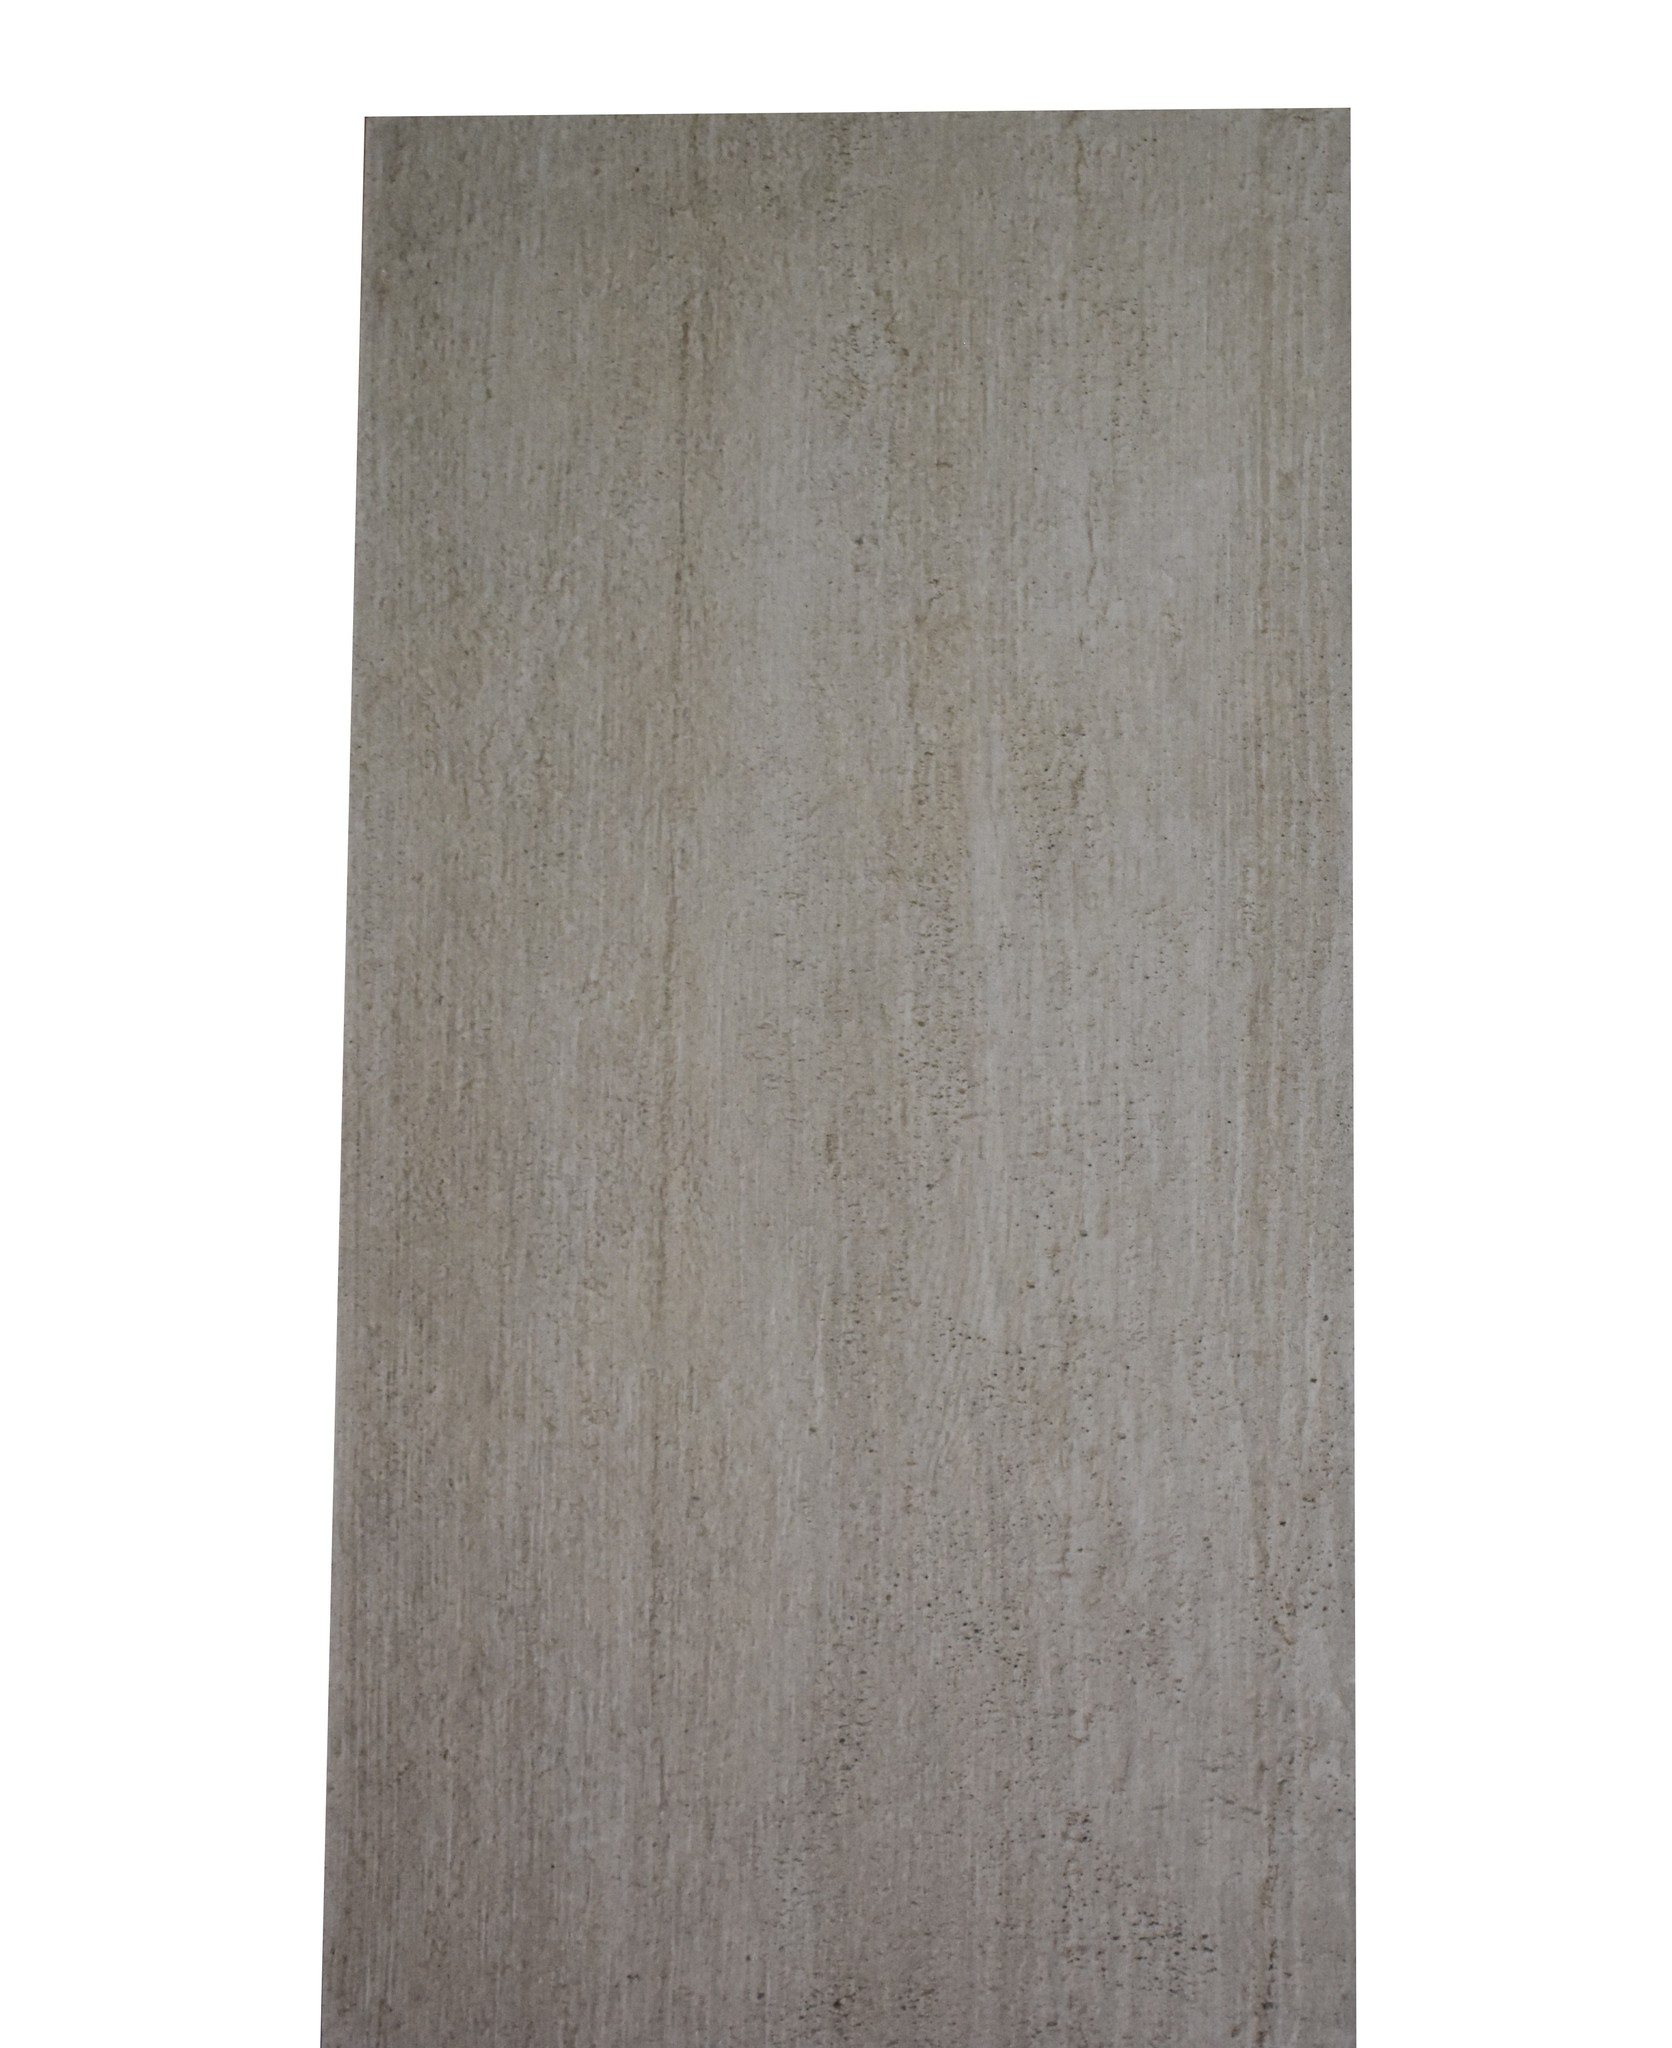 Jroko Beige Floor Tiles